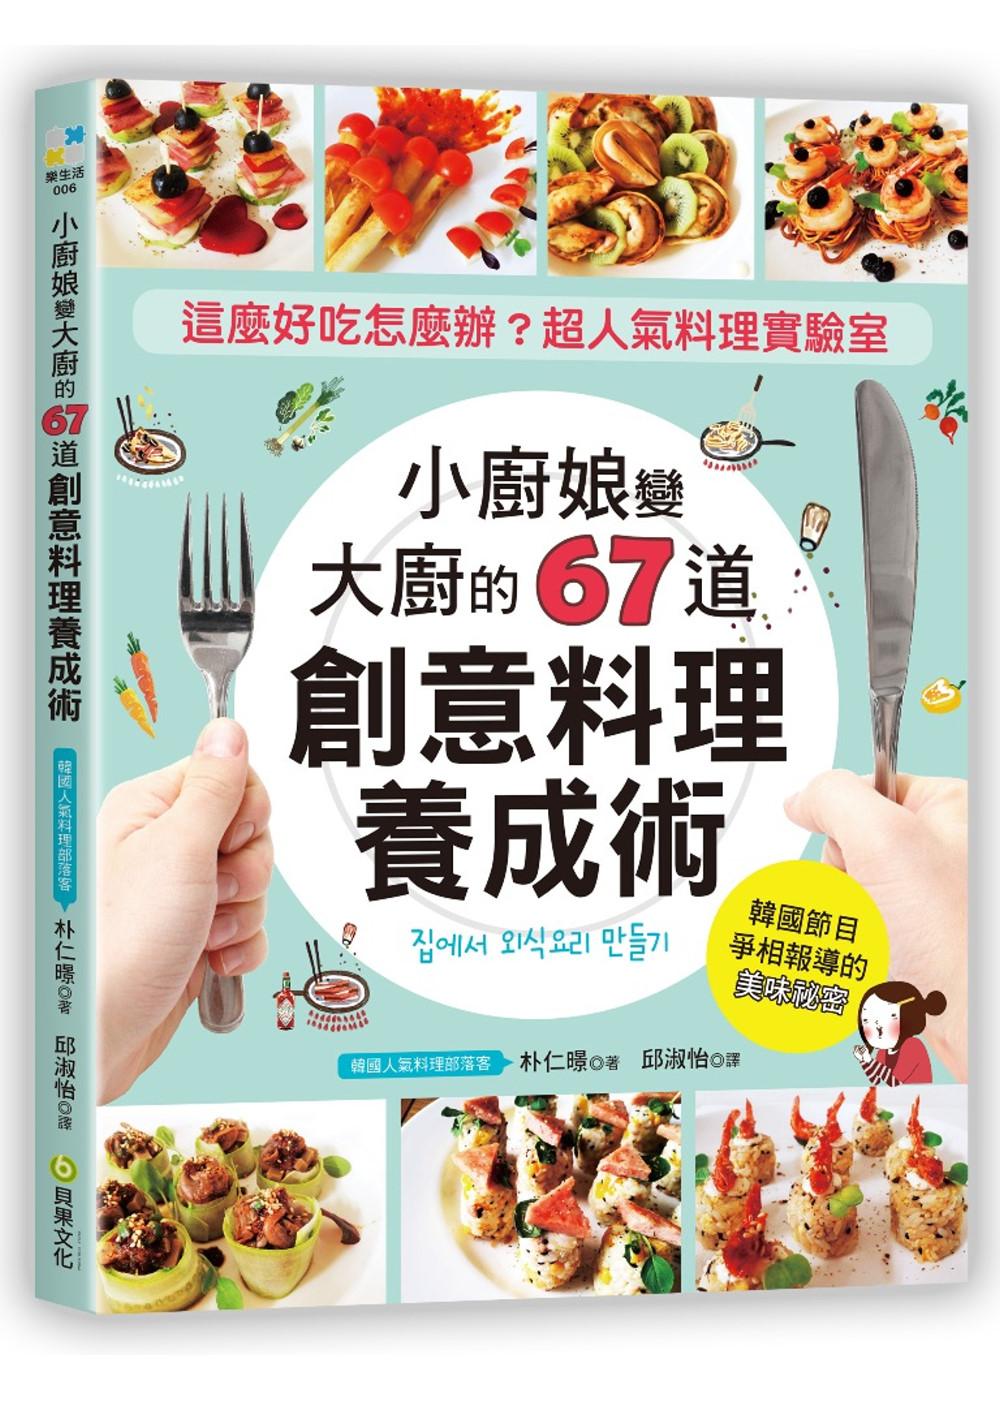 小廚娘變大廚的「67道創意料理」養成術:這麼好吃怎麼辦?韓國超人氣料理實驗室